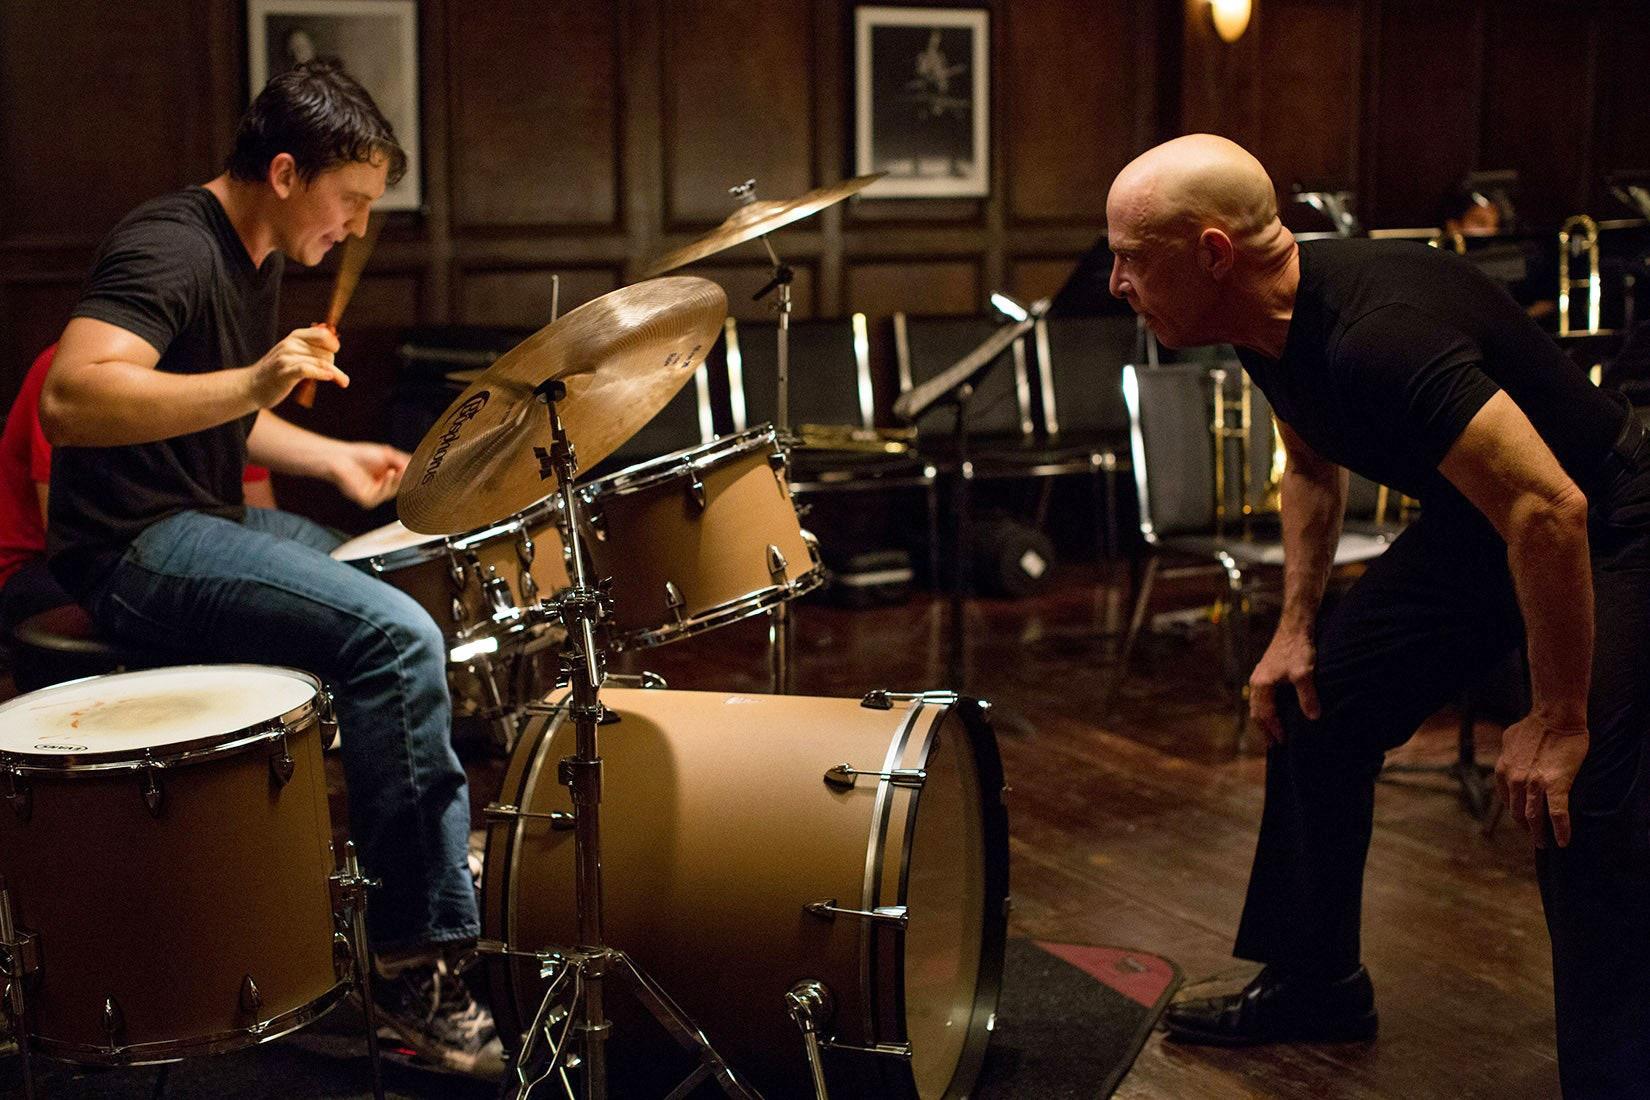 Teller spelar trummor för läraren spelad av Simmons